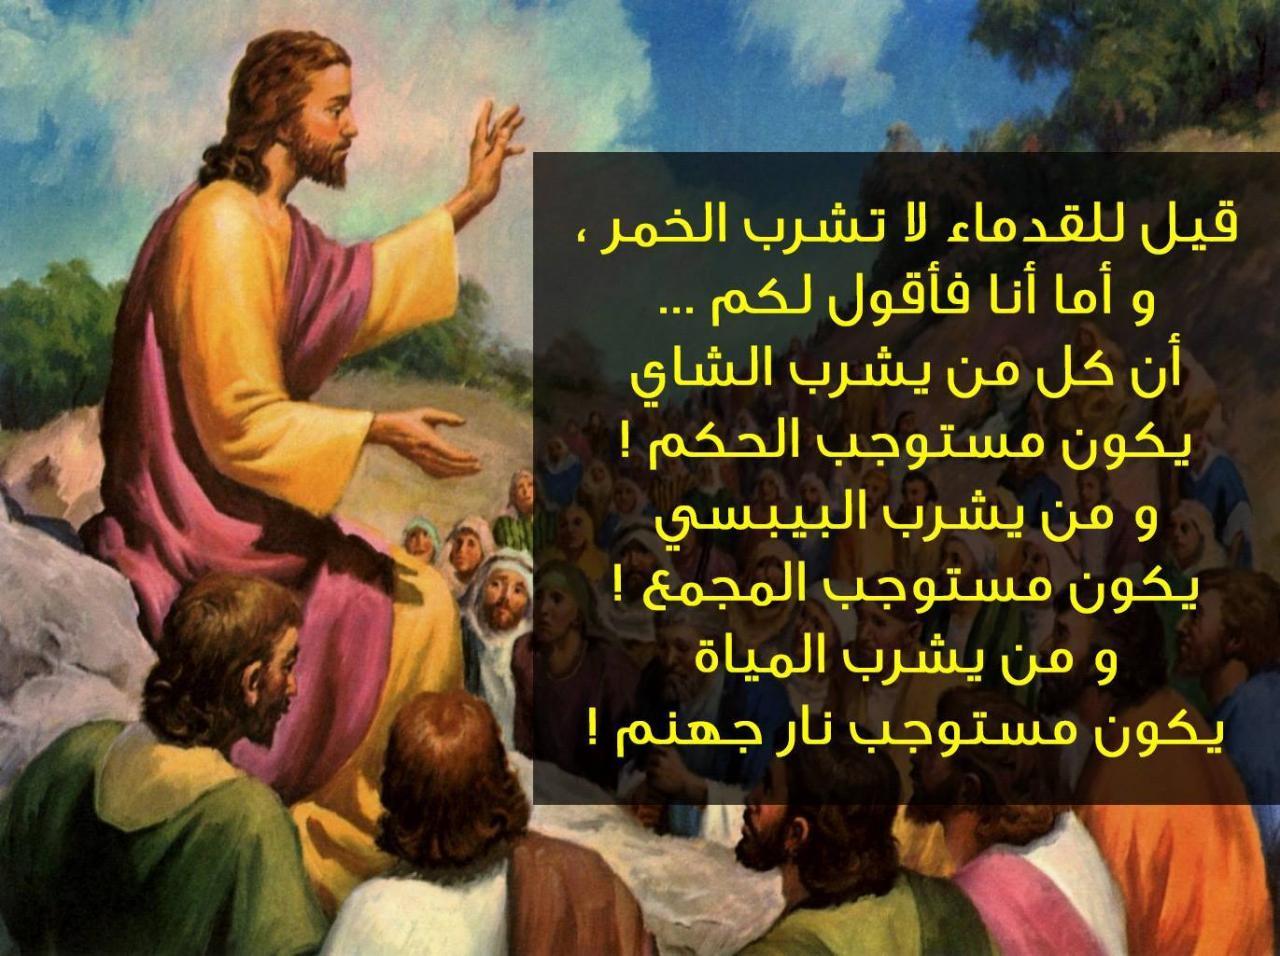 صورة صور دينيه مسيحيه , اجمل الصور المعبرة عن المسيحية 6396 9